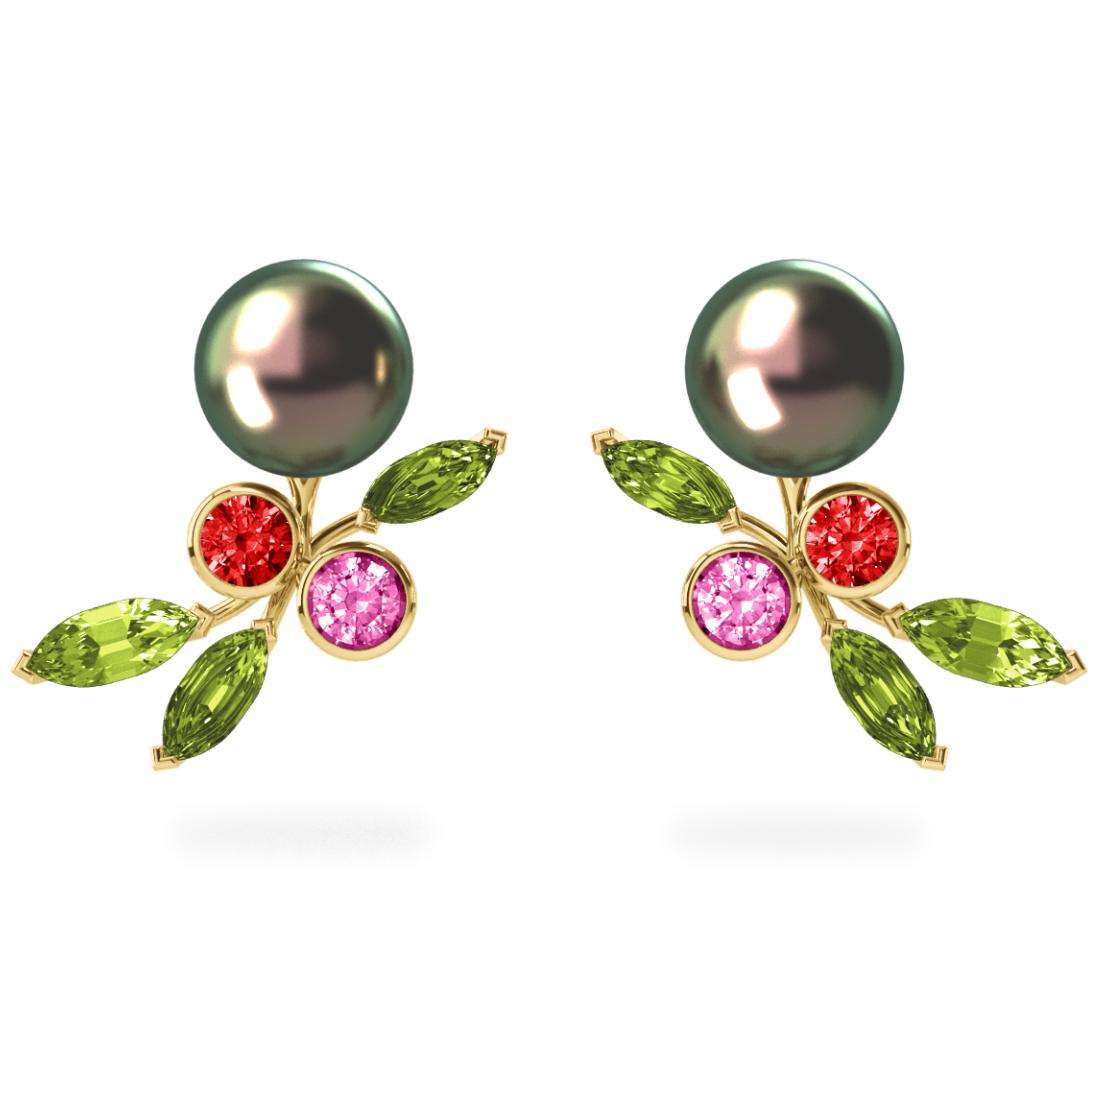 Boucles d'oreilles My Angel Peacock  Pistache - Saphirs, diamants, peridots & perles de Tahiti <br /> Or jaune 18 carats